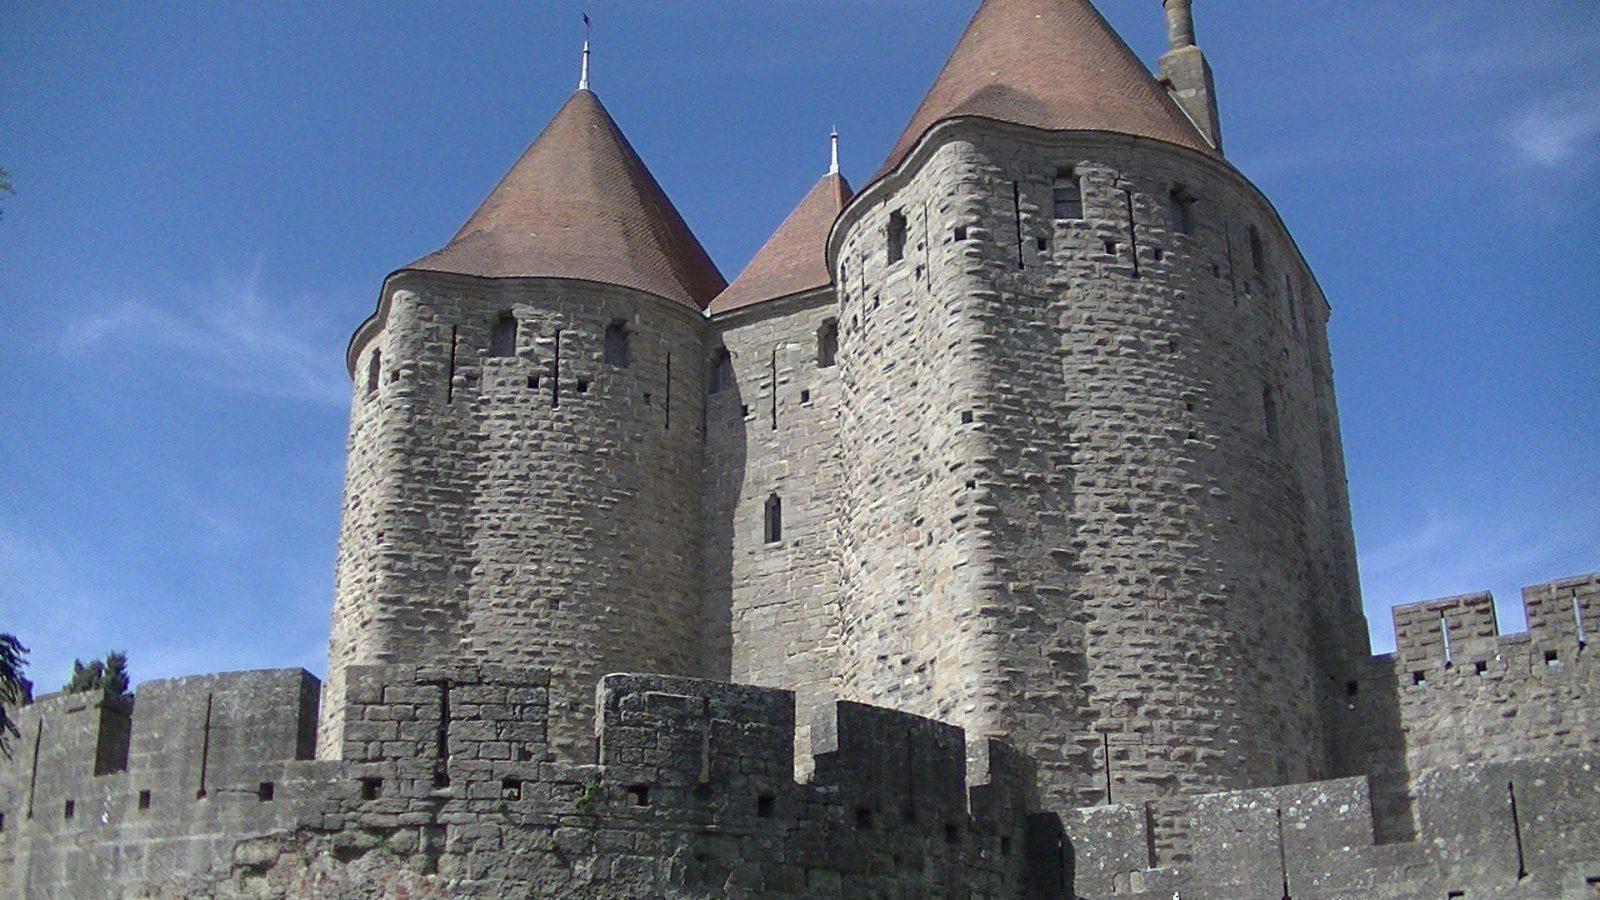 Средневековые крепости Каркасона (Carcassonne) и прогулка по Южному каналу